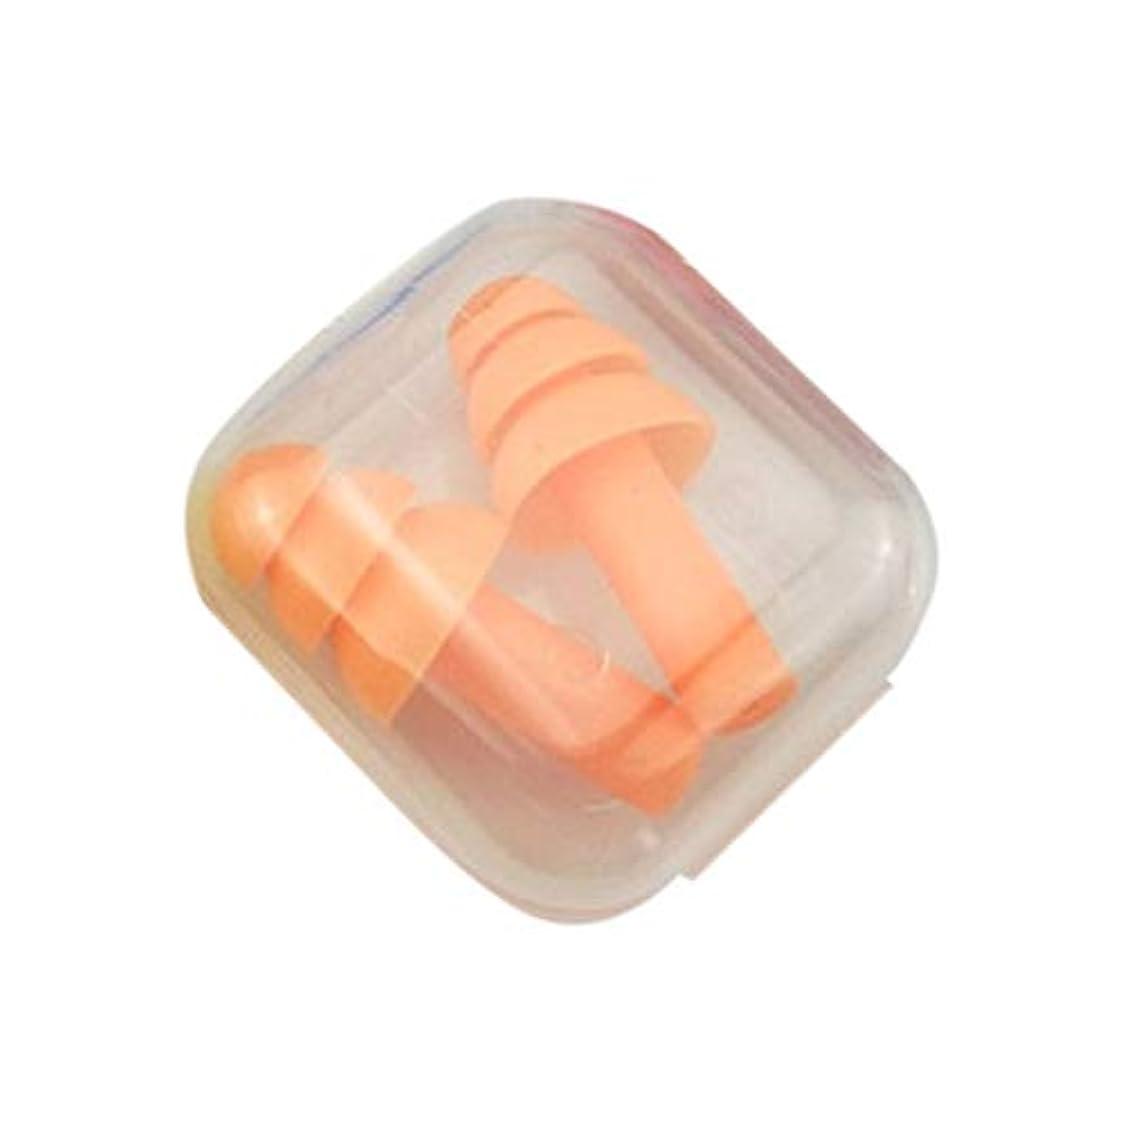 冷酷な和解する本物柔らかいシリコーンの耳栓遮音用耳の保護用の耳栓防音睡眠ボックス付き収納ボックス - オレンジ